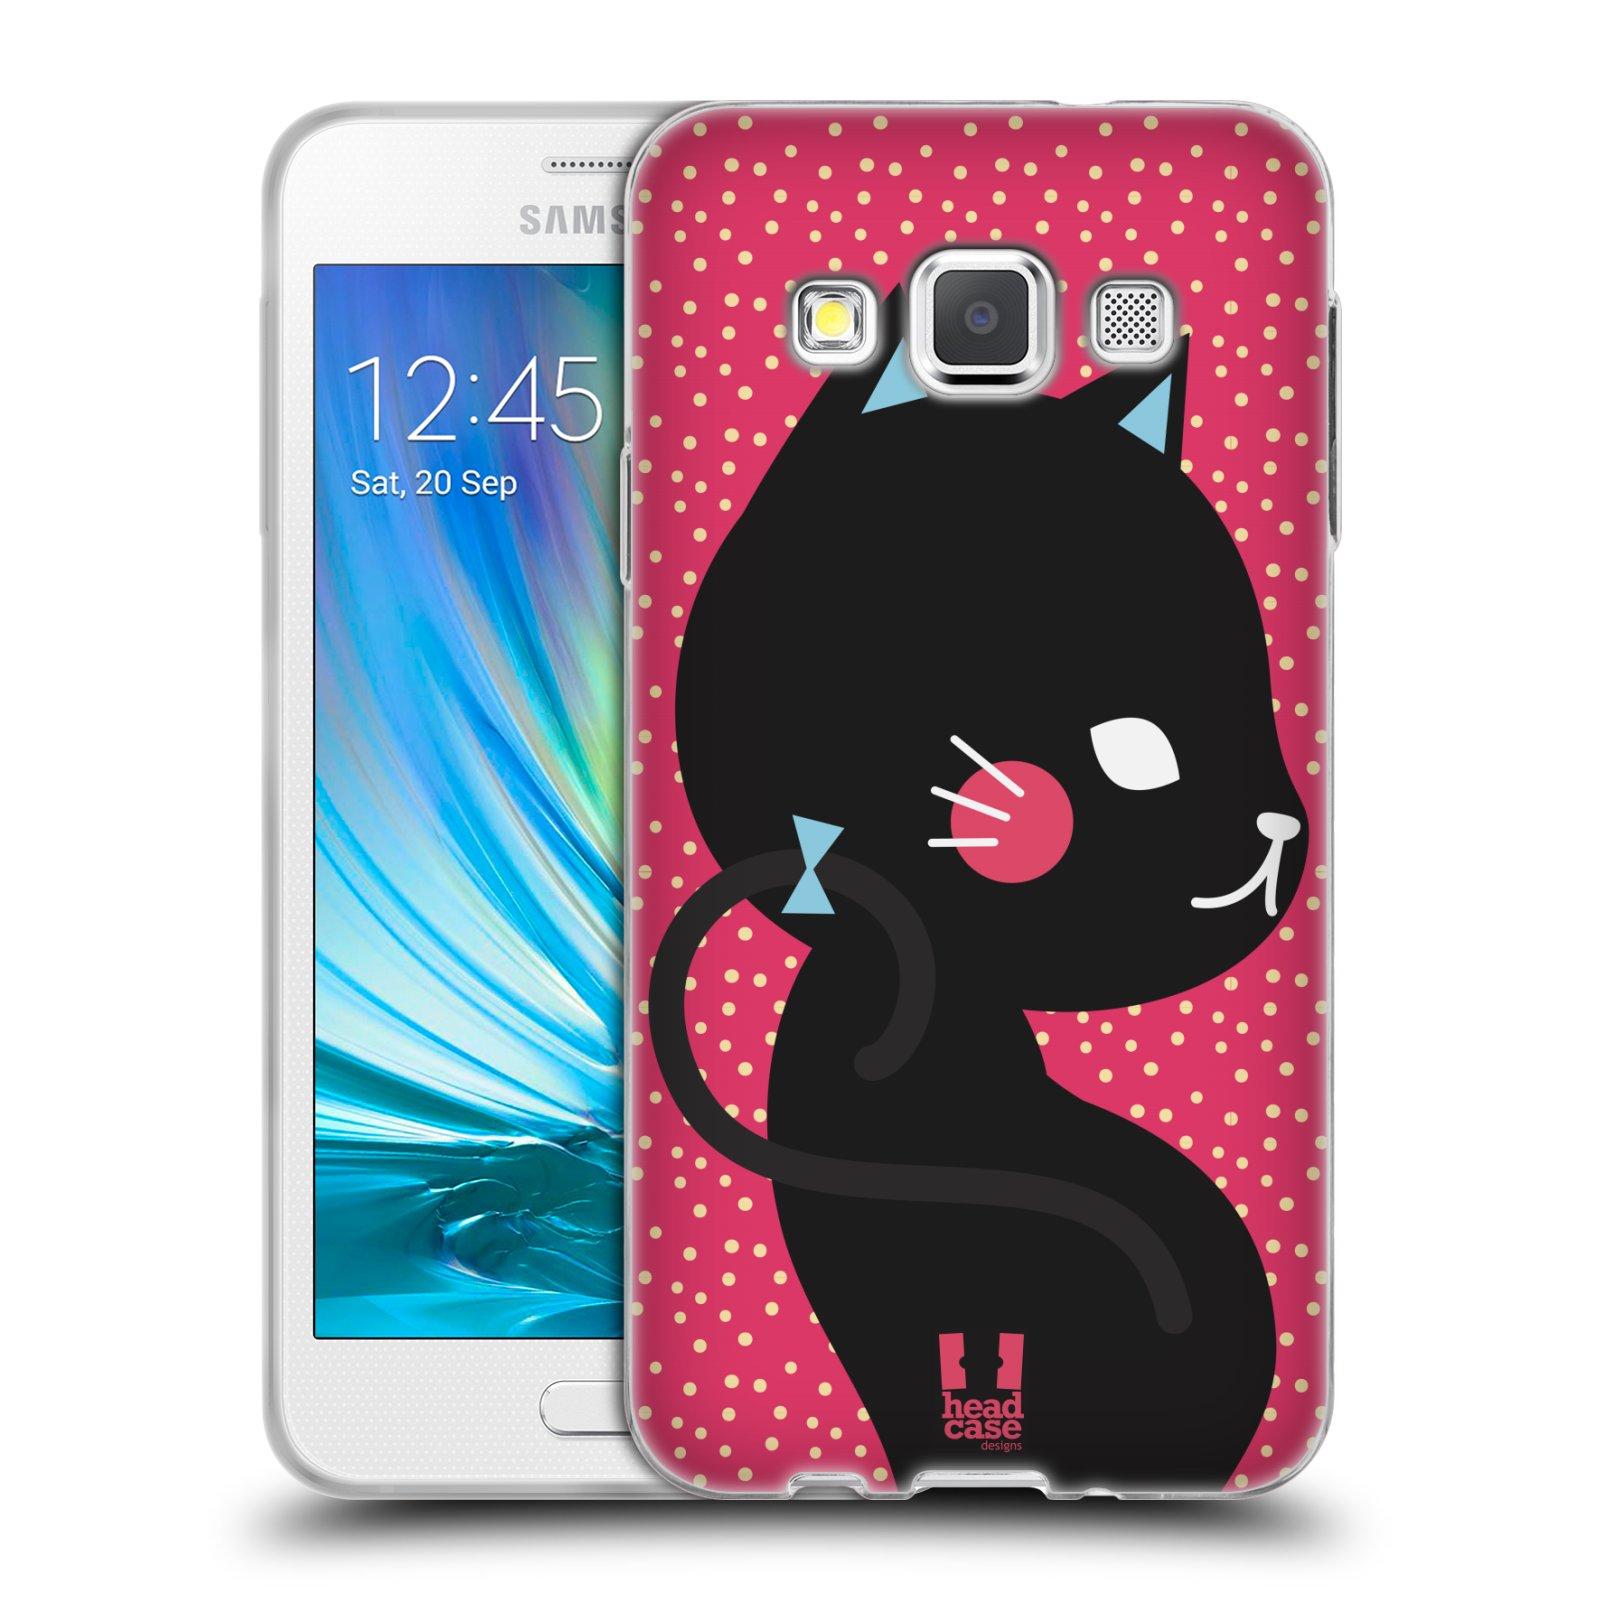 Silikonové pouzdro na mobil Samsung Galaxy A3 HEAD CASE KOČIČKA ČERNÁ NA RŮŽOVÉ